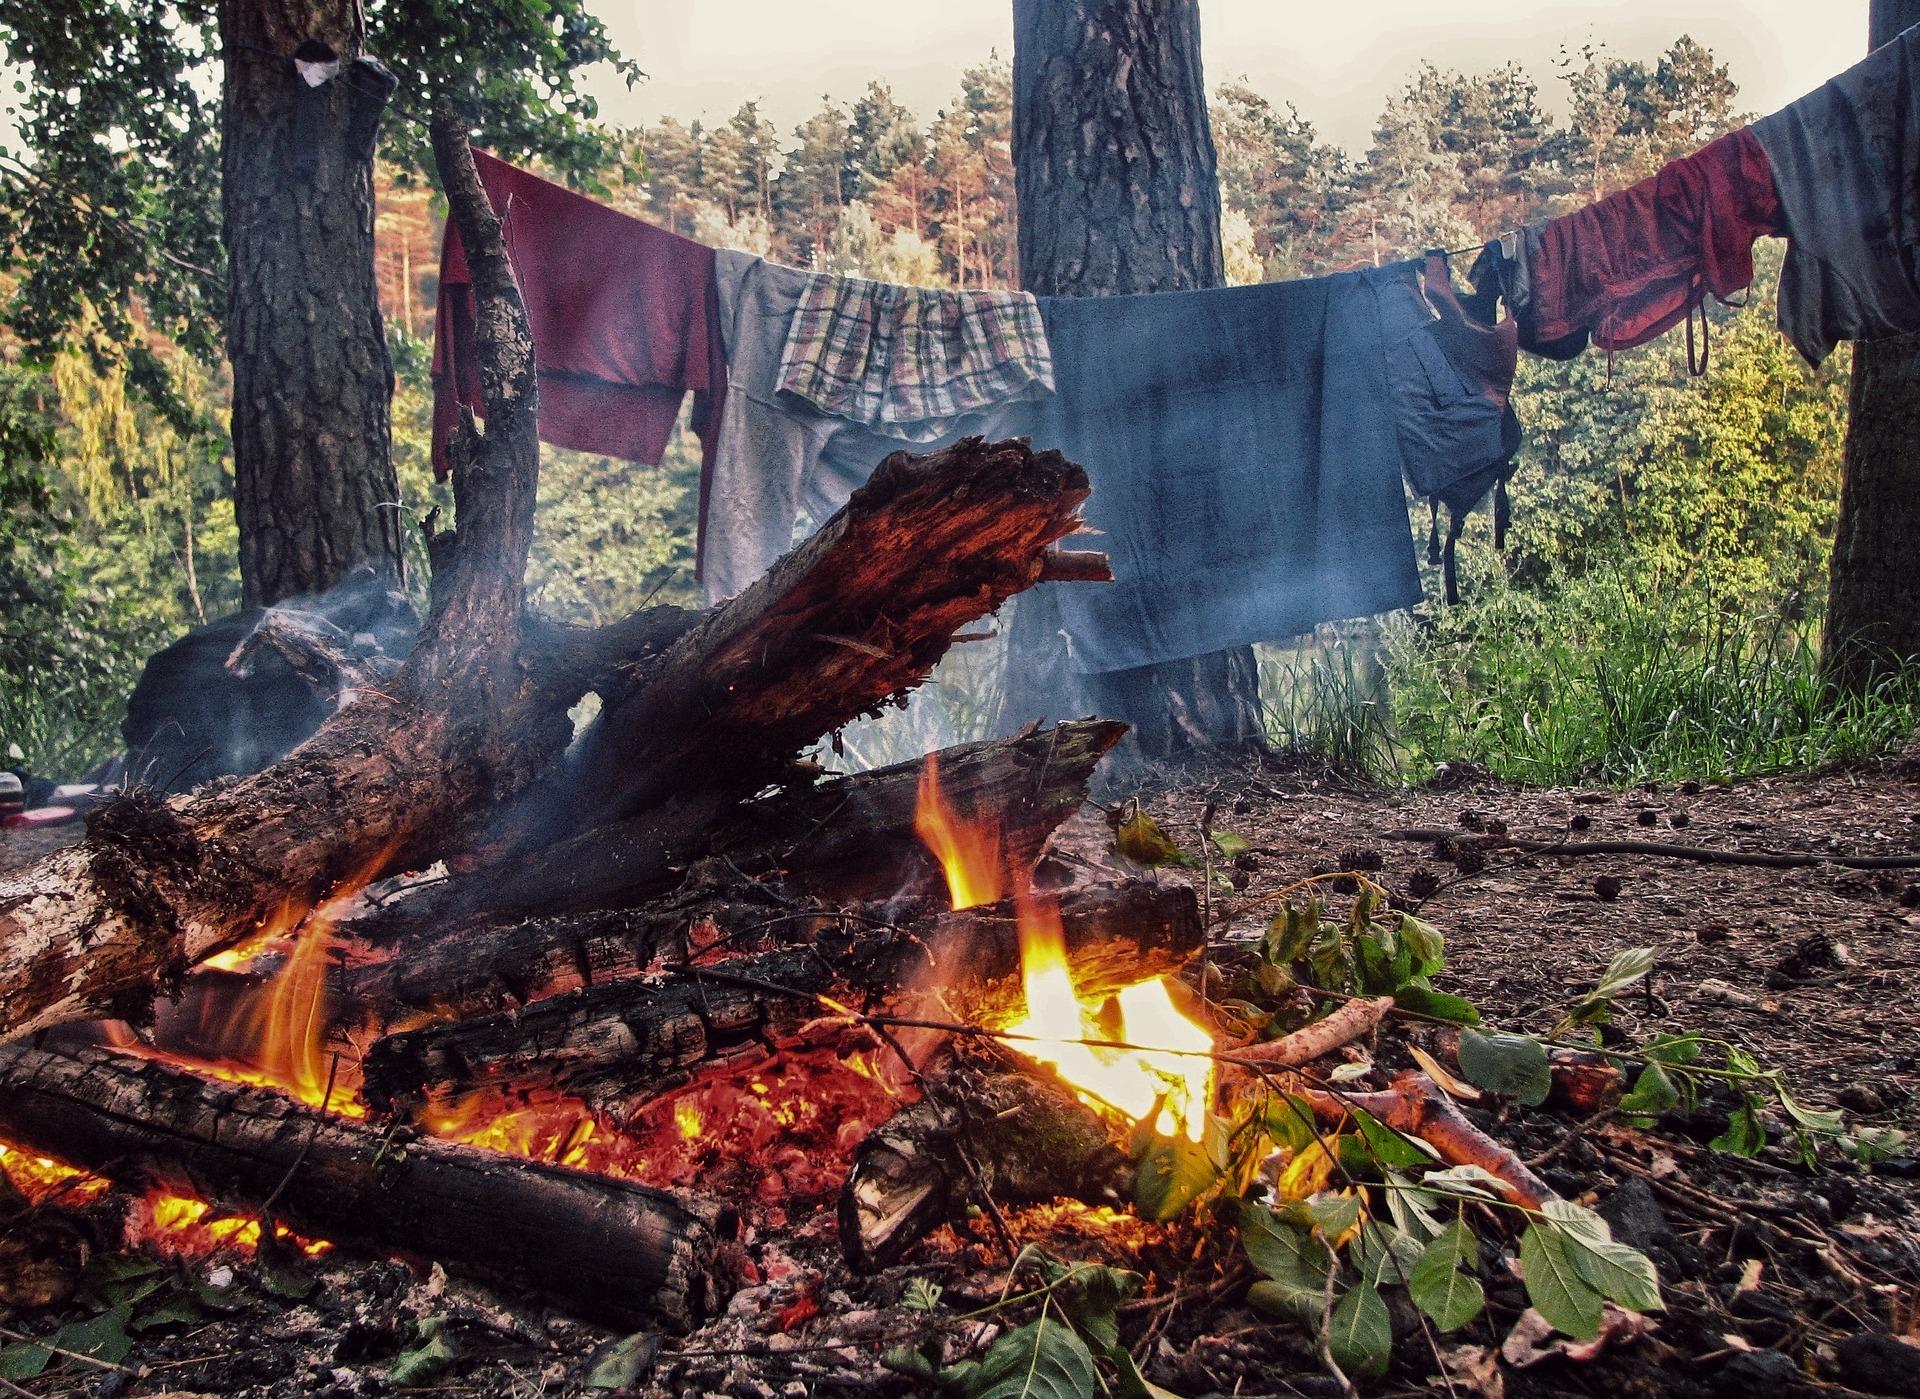 campfire clothing line pixabay